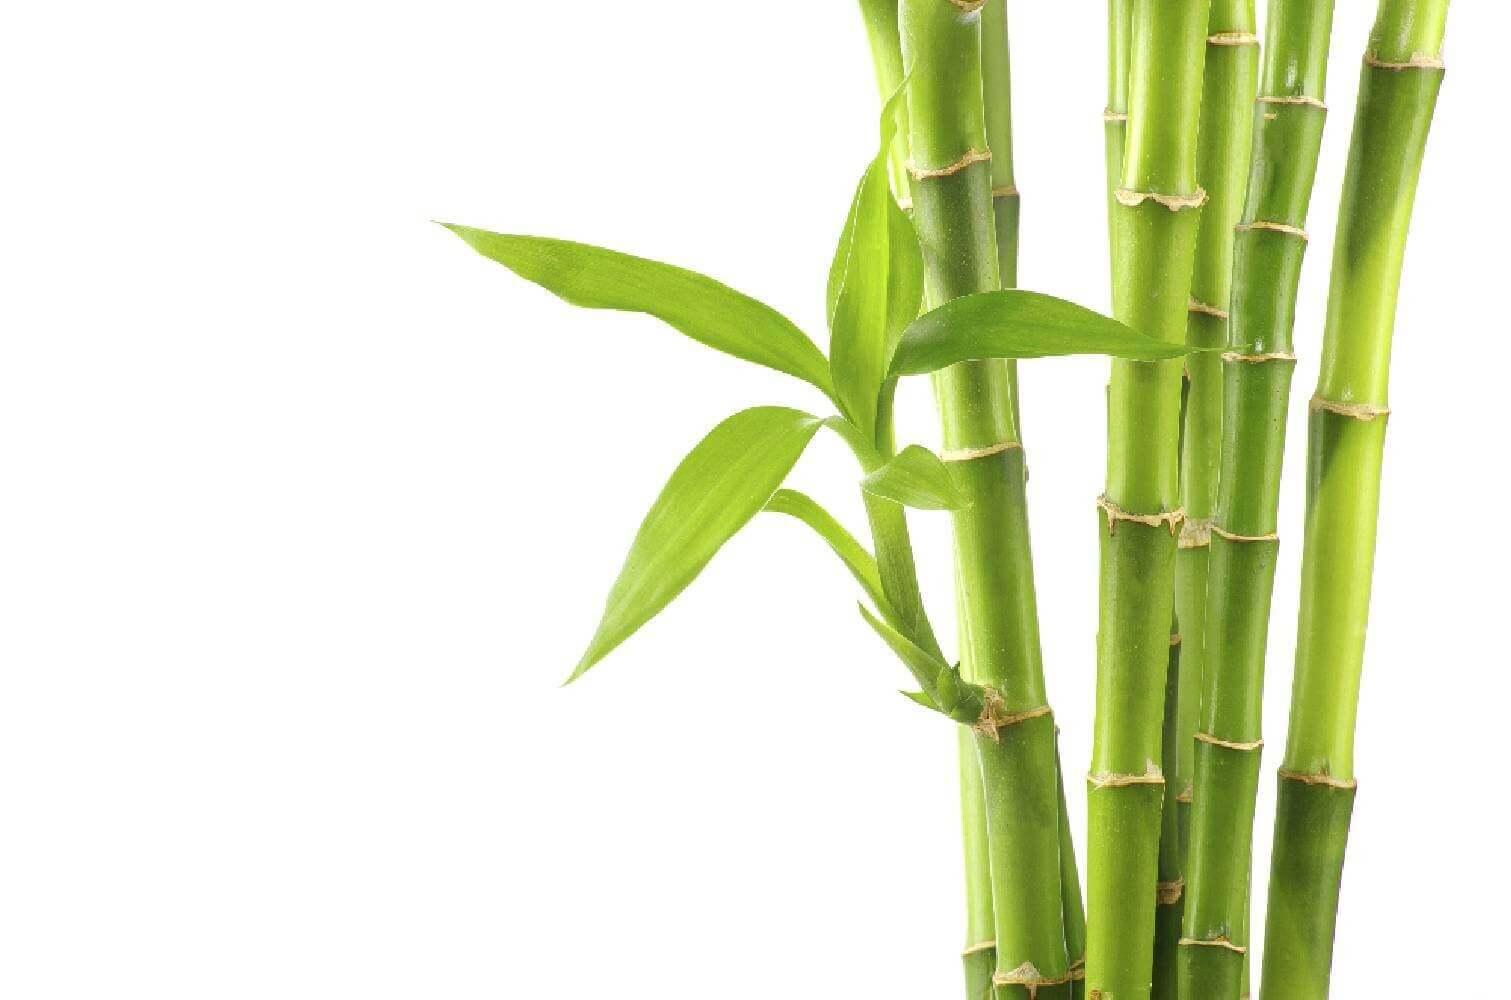 image de l'ingredient Bambou Tabashir